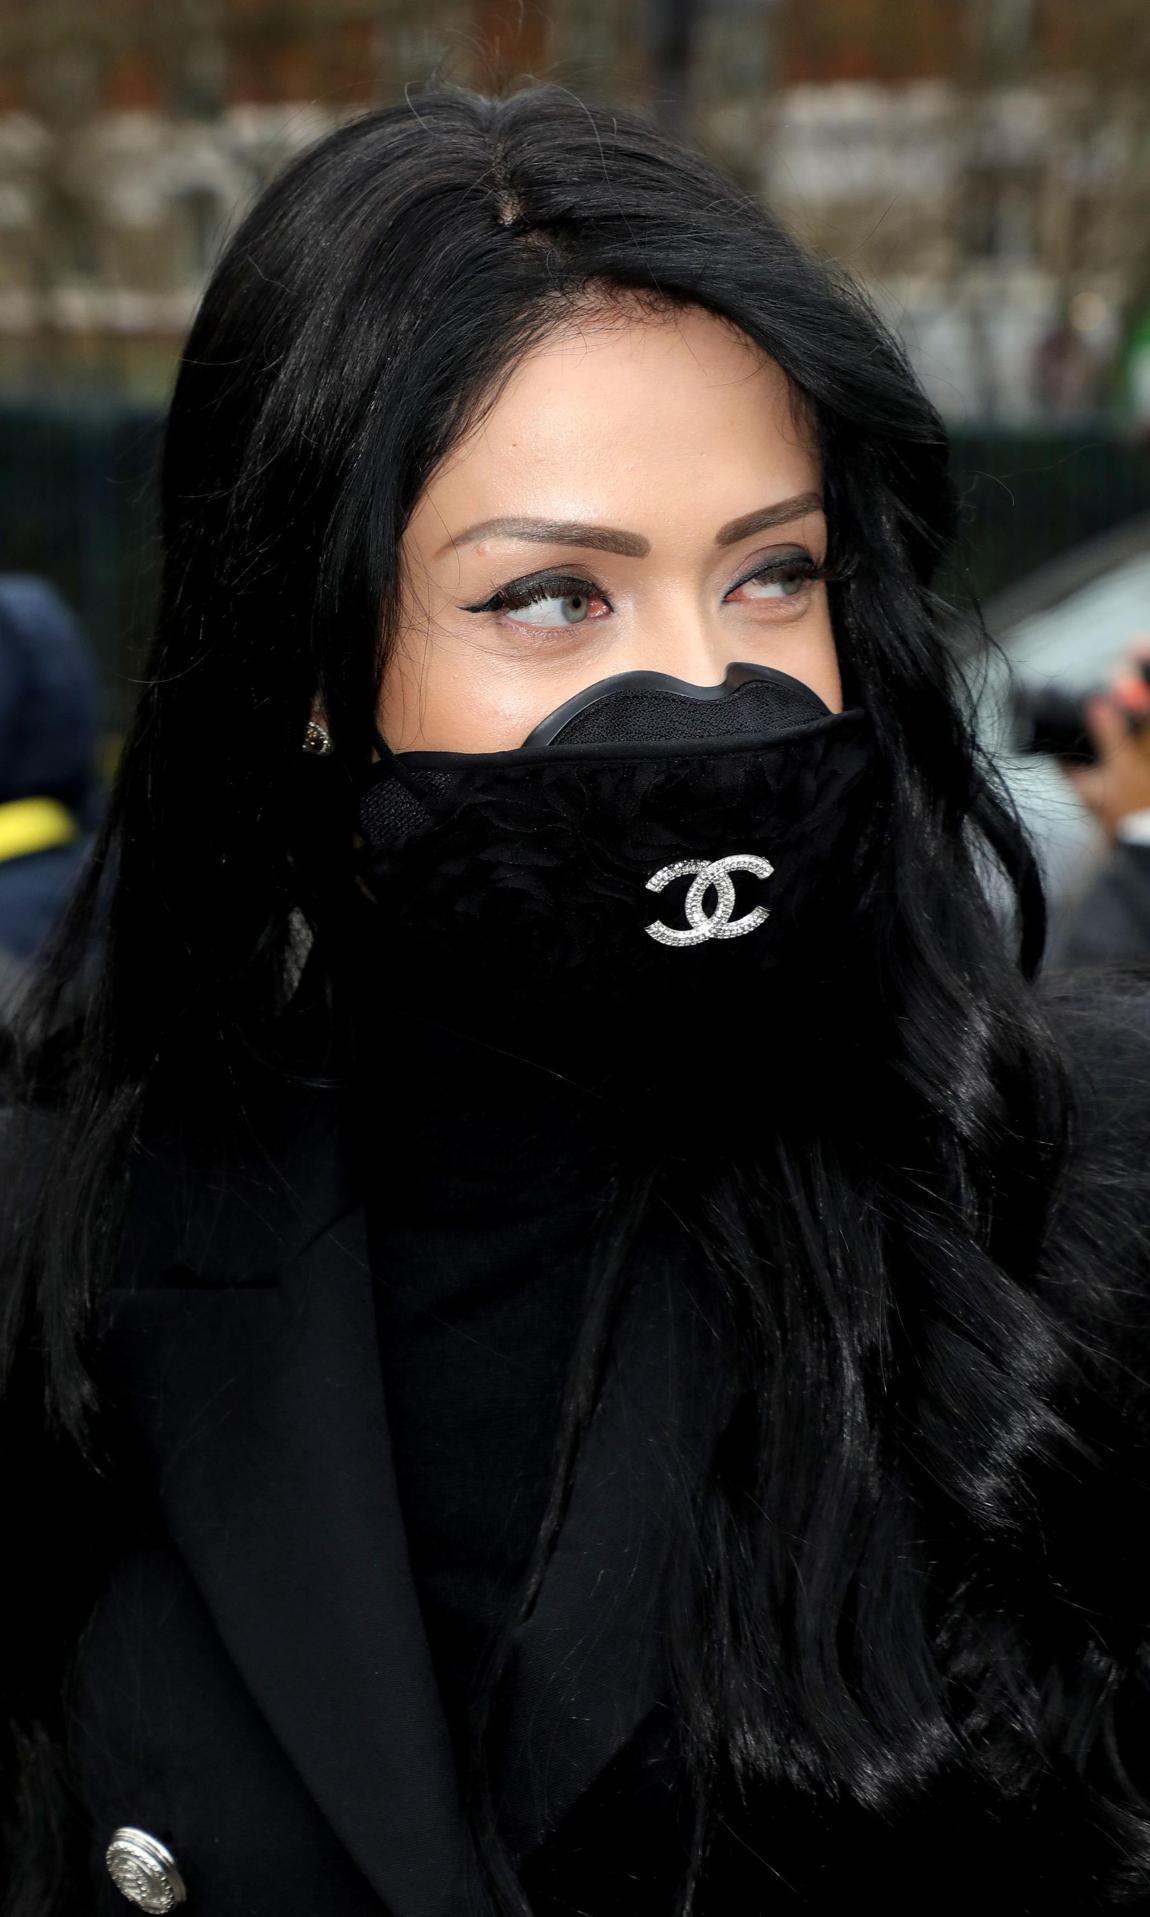 Saint Laurent, Balenciaga i Gucci proizvode maske za koronavirus